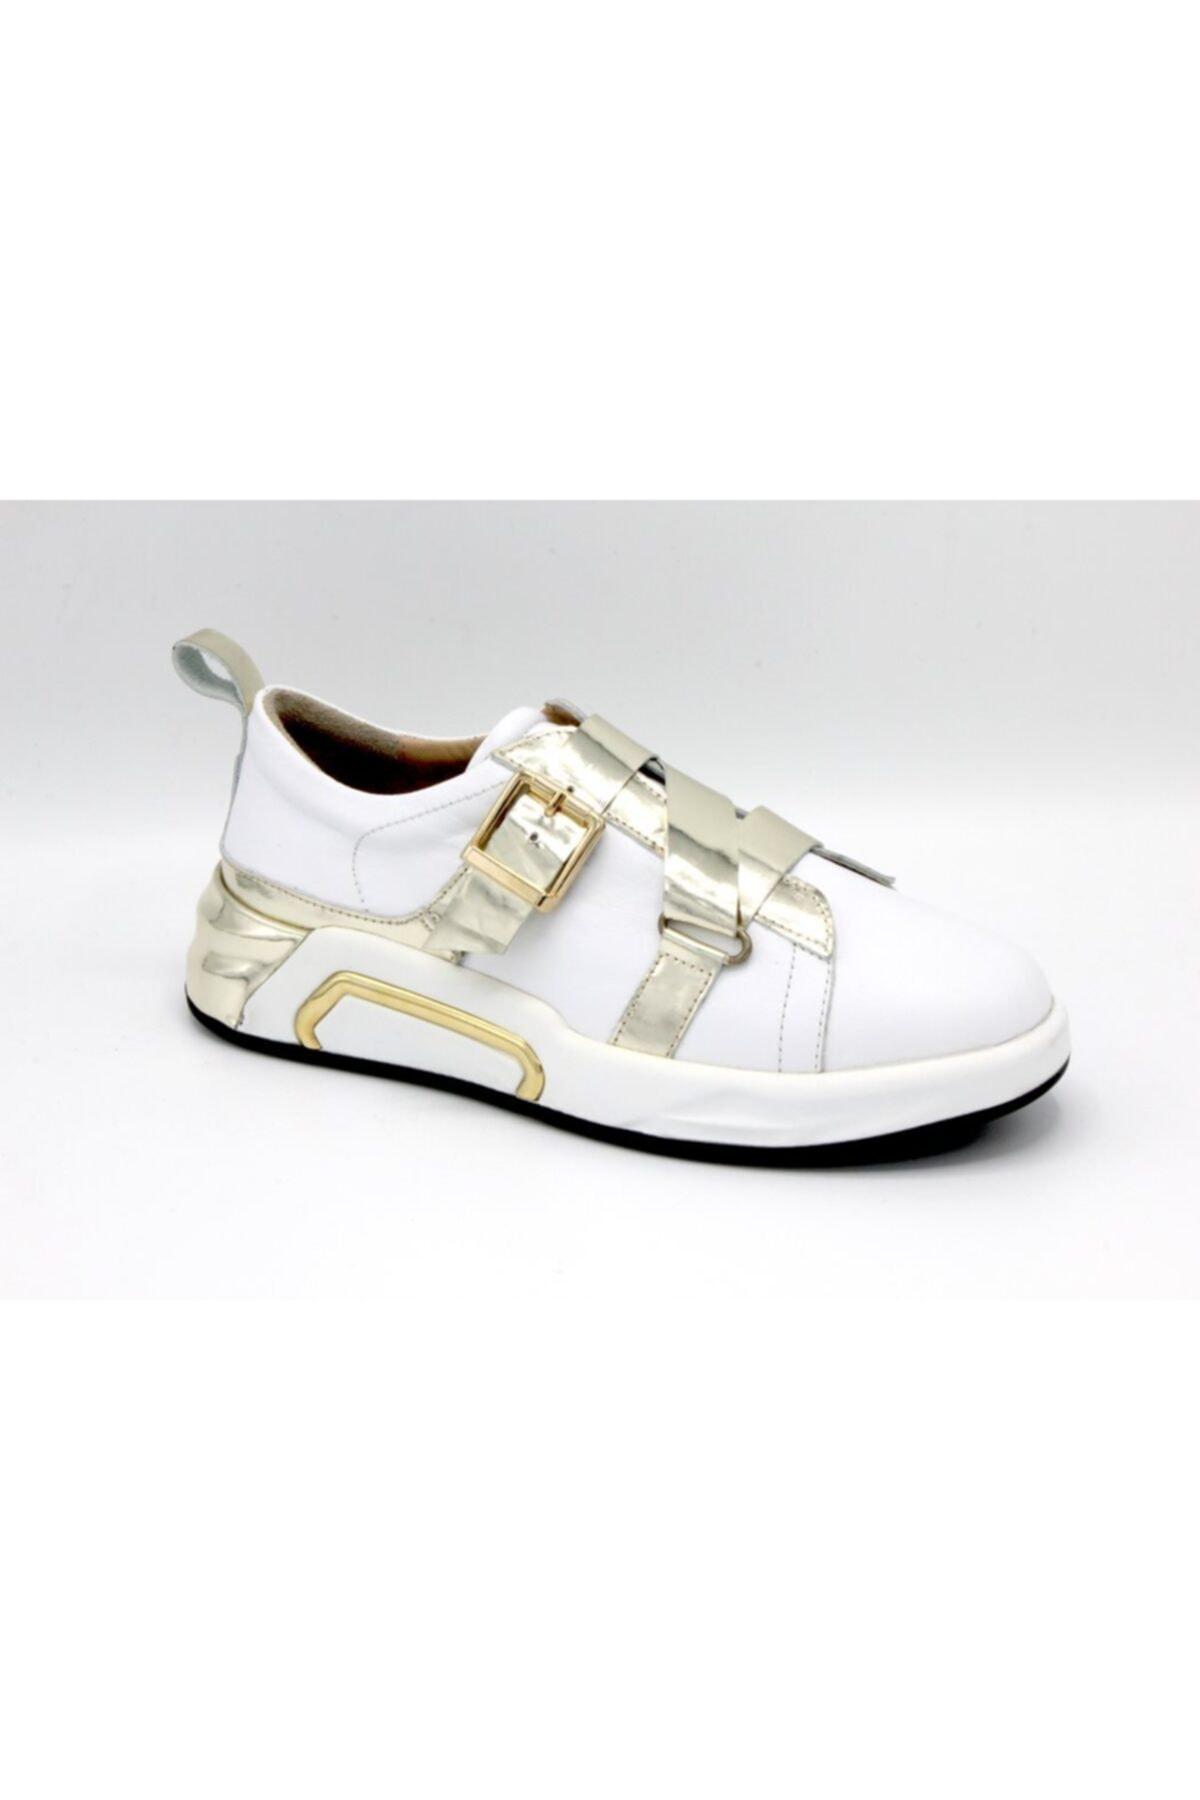 unica shoes Kadın Beyaz Bantlı Yuvarlak Burun Ayakkabı